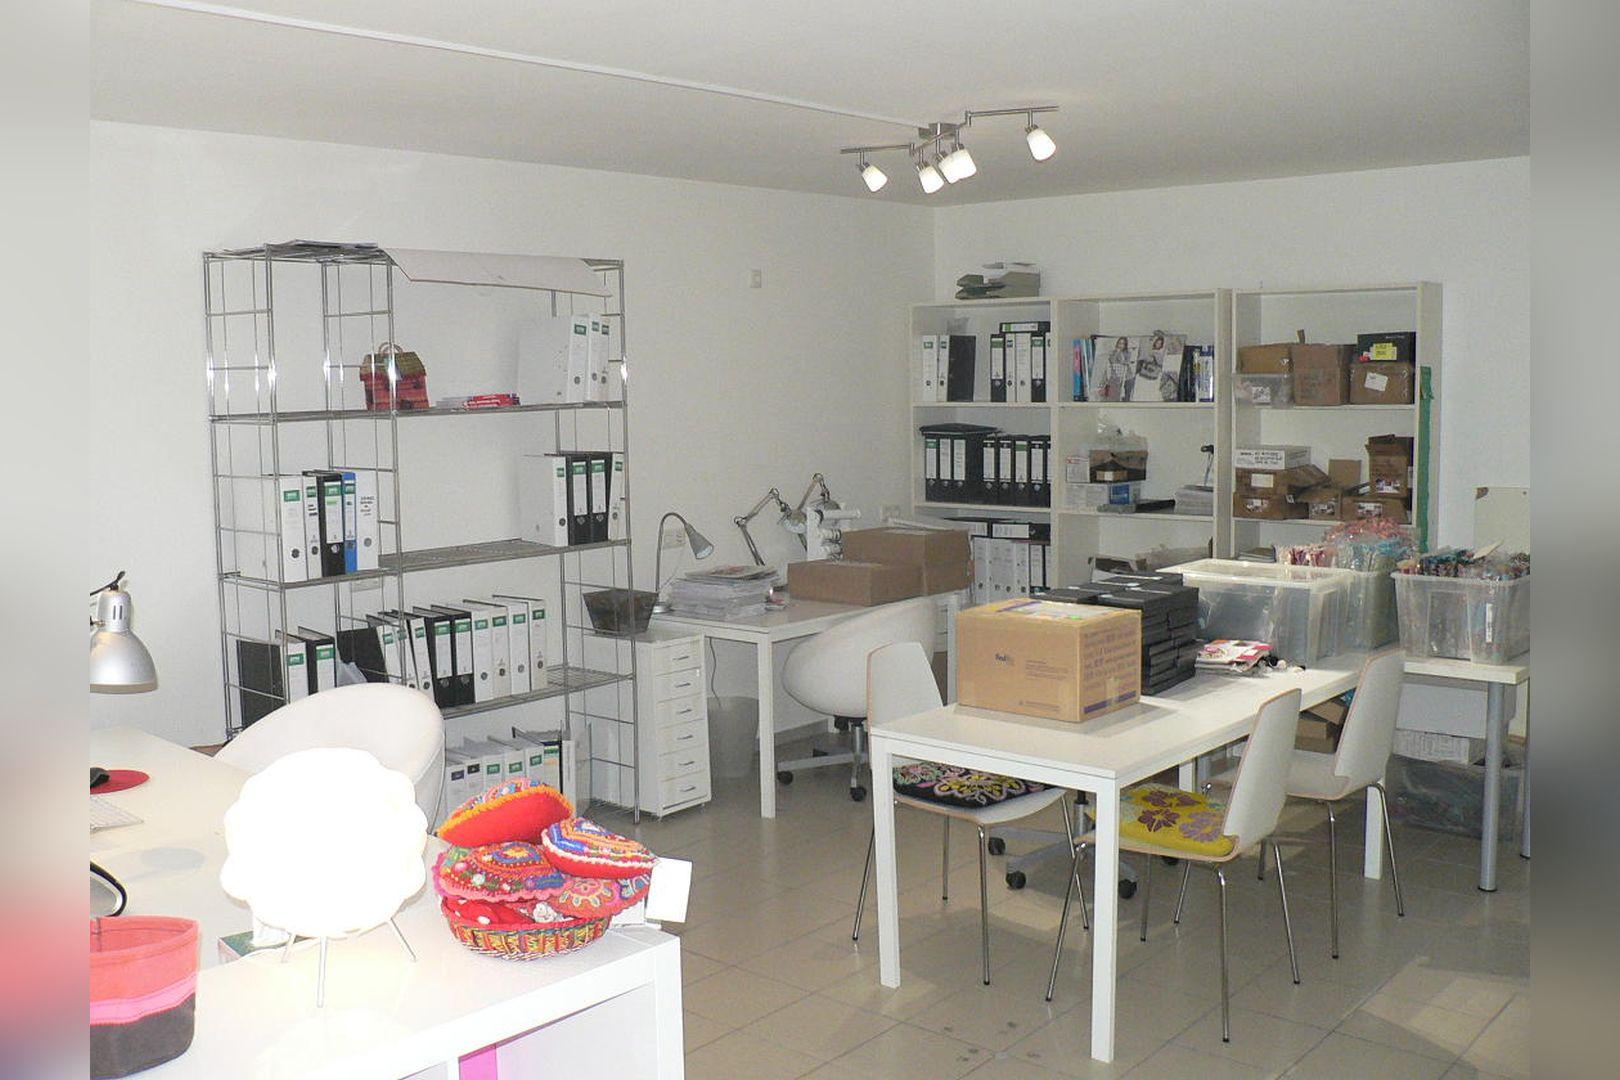 Immobilie Nr.0229 - Ladenlokal mit Lagerflächen, Teeküche, WC-Anlage u. Stellplatz - Bild 7.jpg